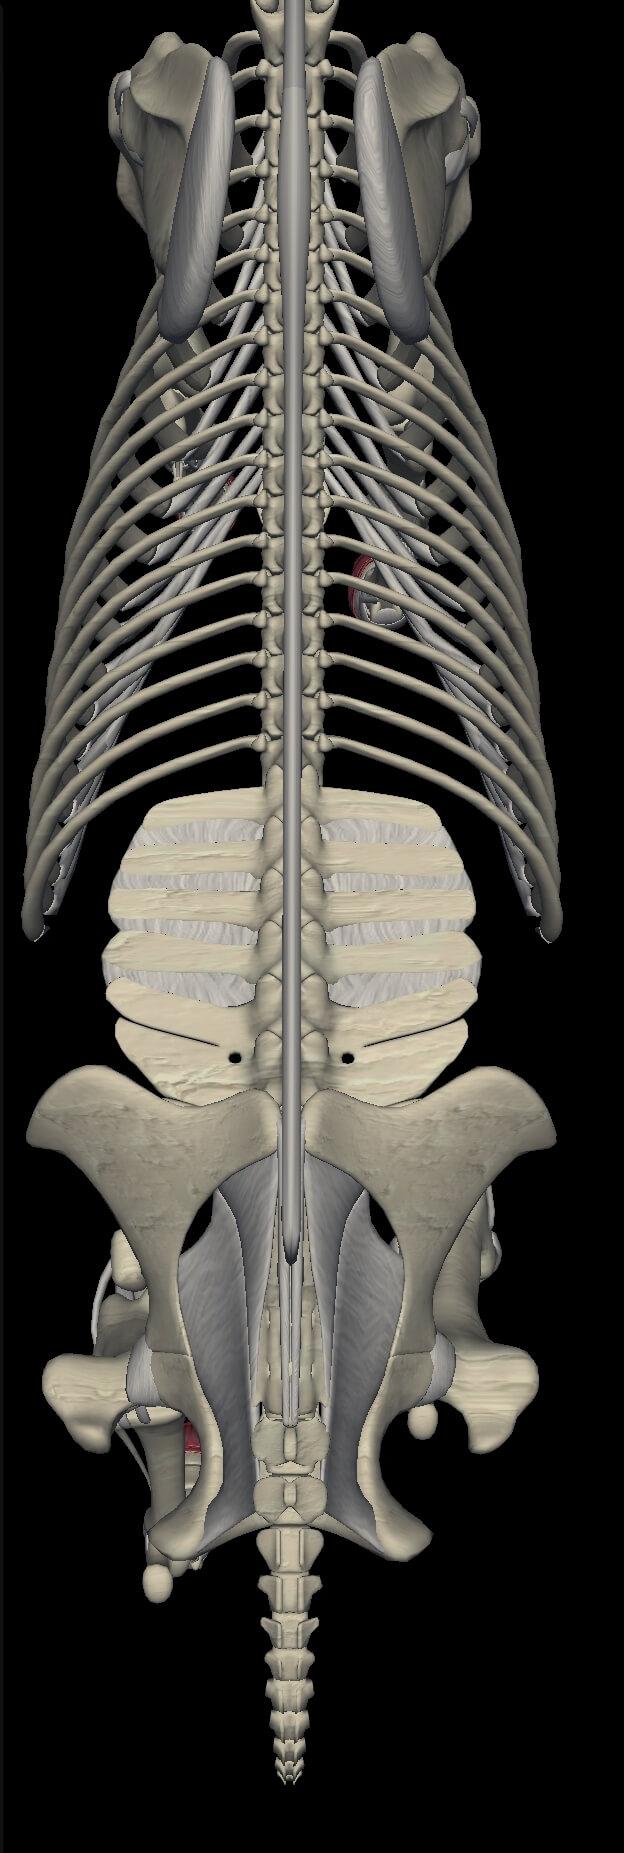 Hestens ryg med færre lændehvivler end hundens samt større overflade og flere ribben. Alt giver en mindre smidighed af rygsøjlen.